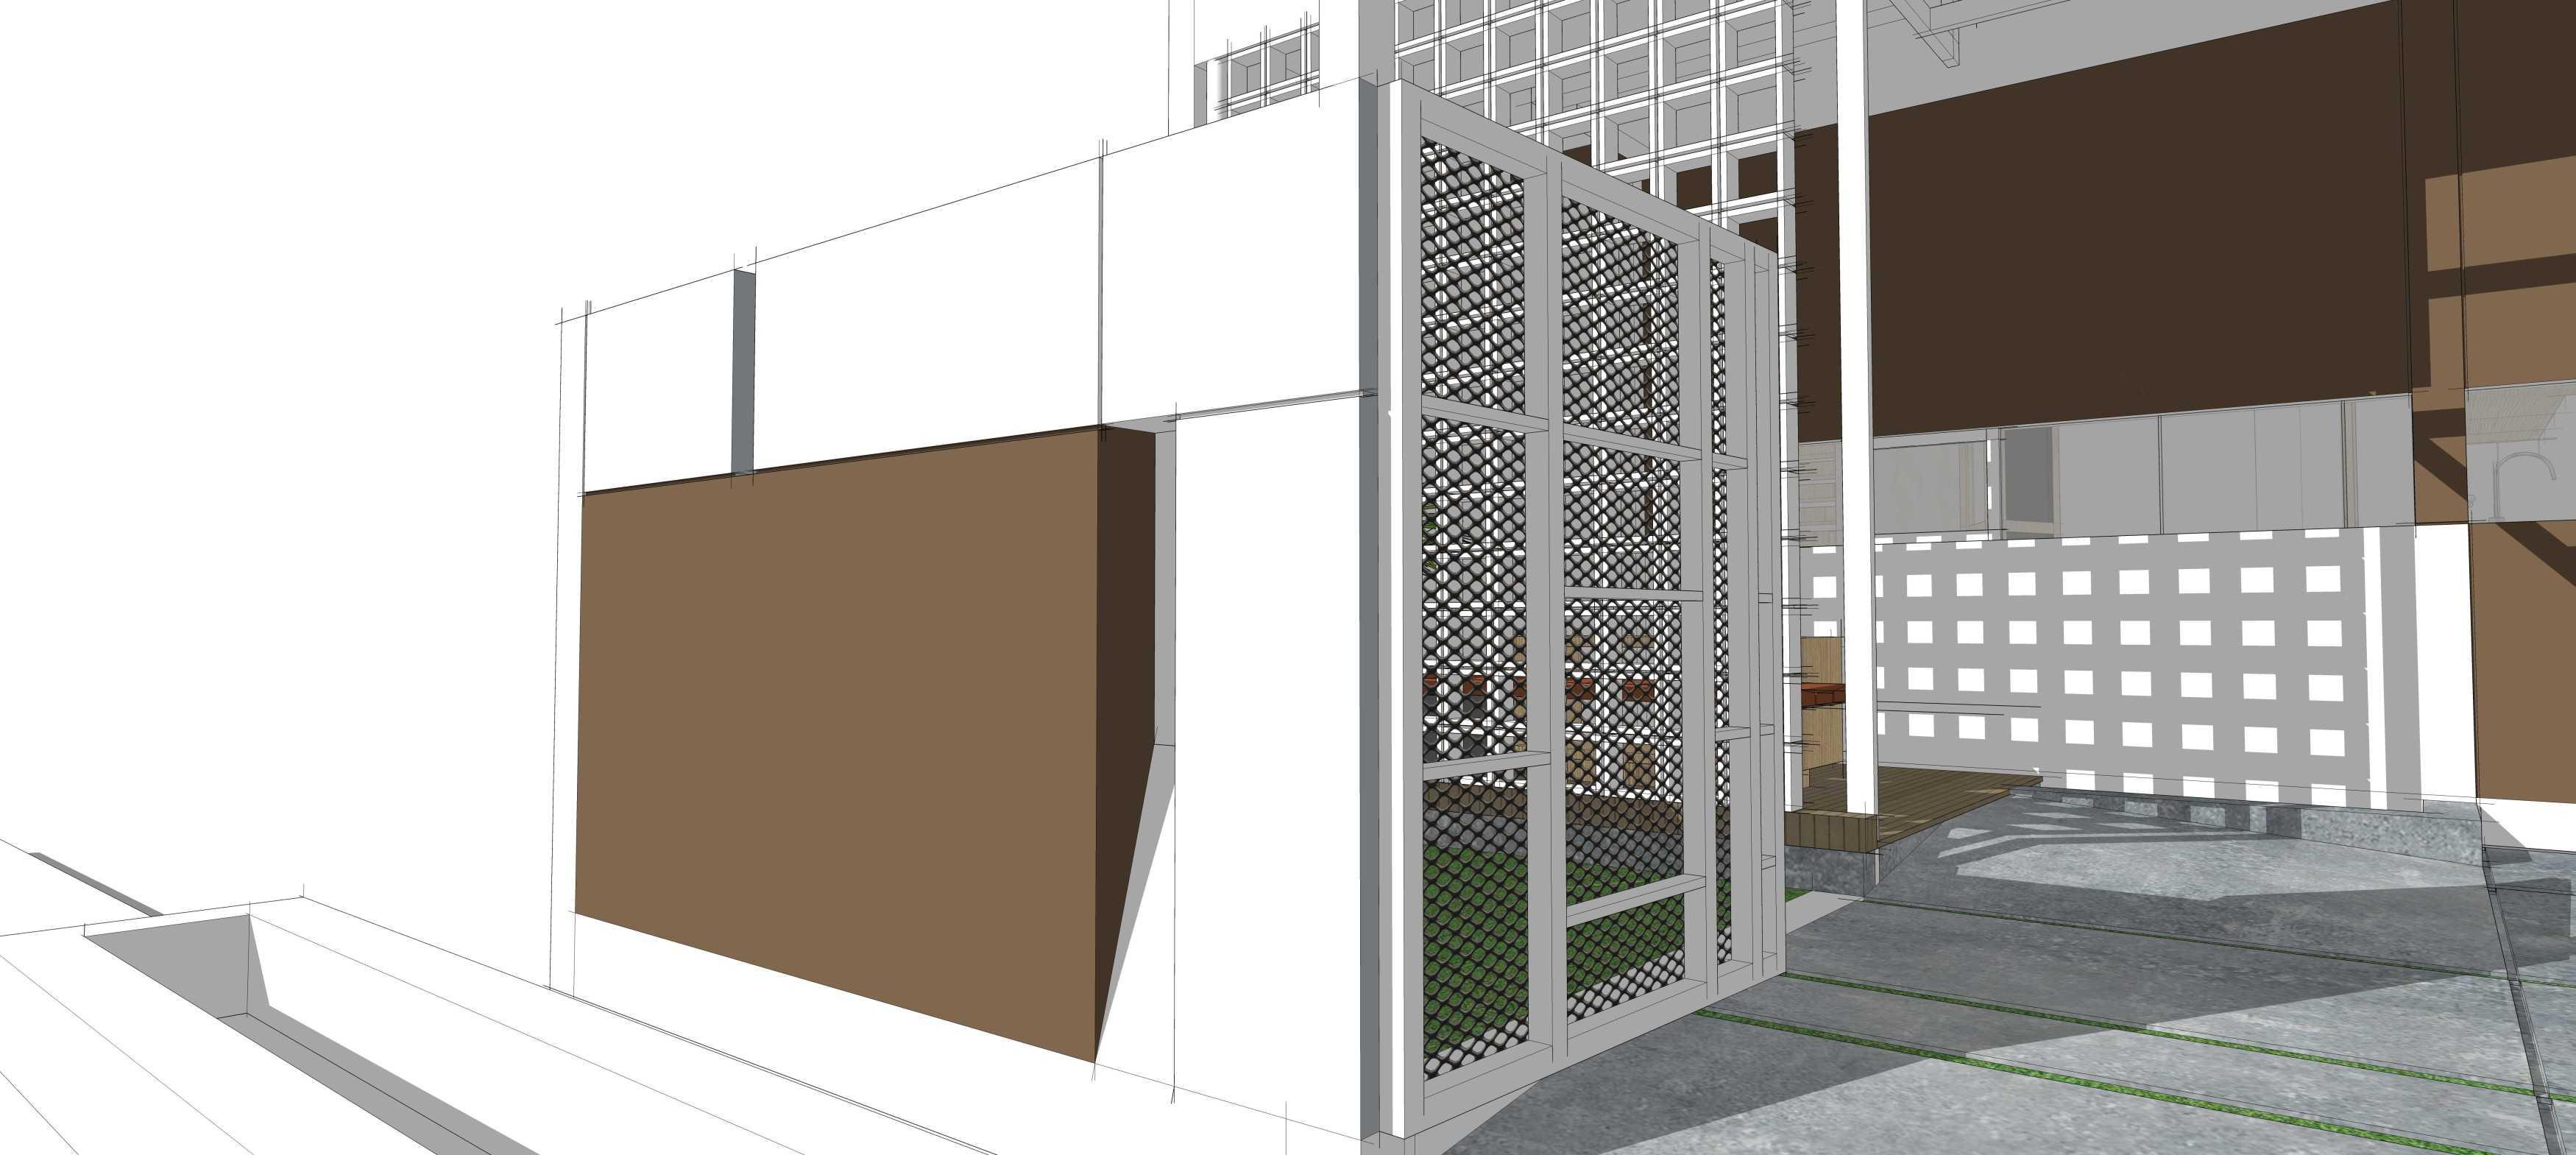 Gubah Ruang Studio Wb Residence Bekasi, Kota Bks, Jawa Barat, Indonesia Bekasi, Kota Bks, Jawa Barat, Indonesia Wb Residence Modern  50790